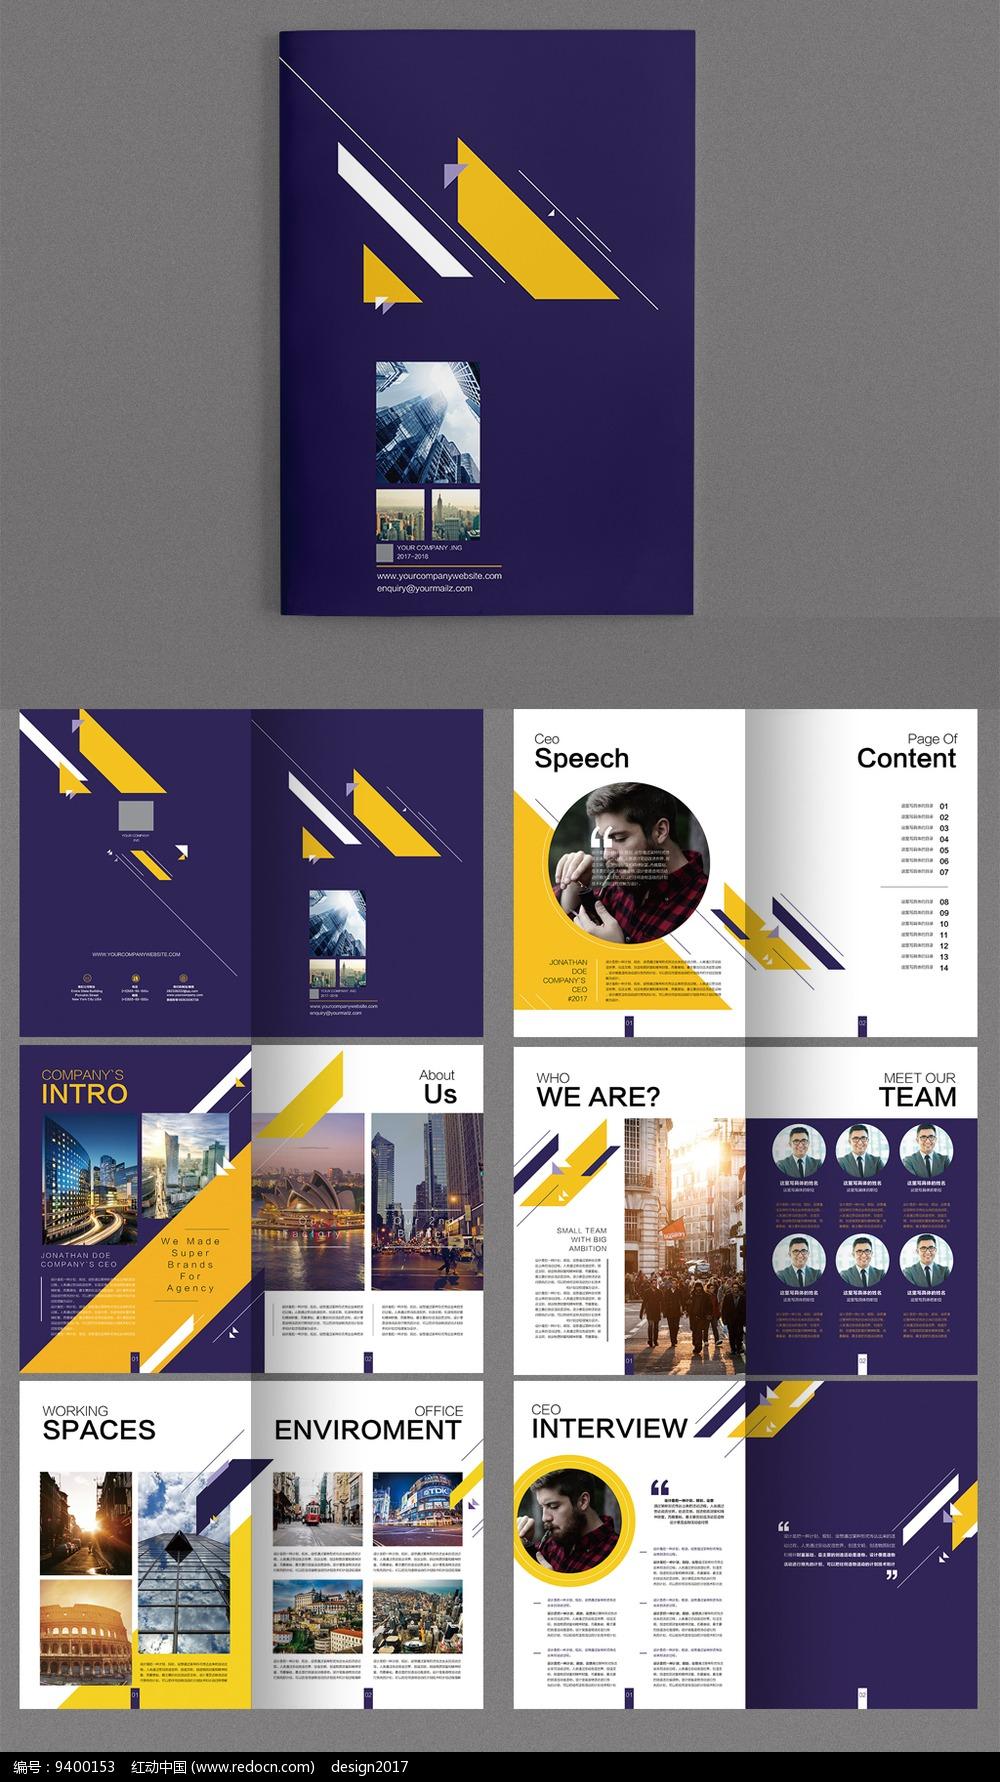 简约线条蓝橙商务企业宣传画册设计整套素材图片